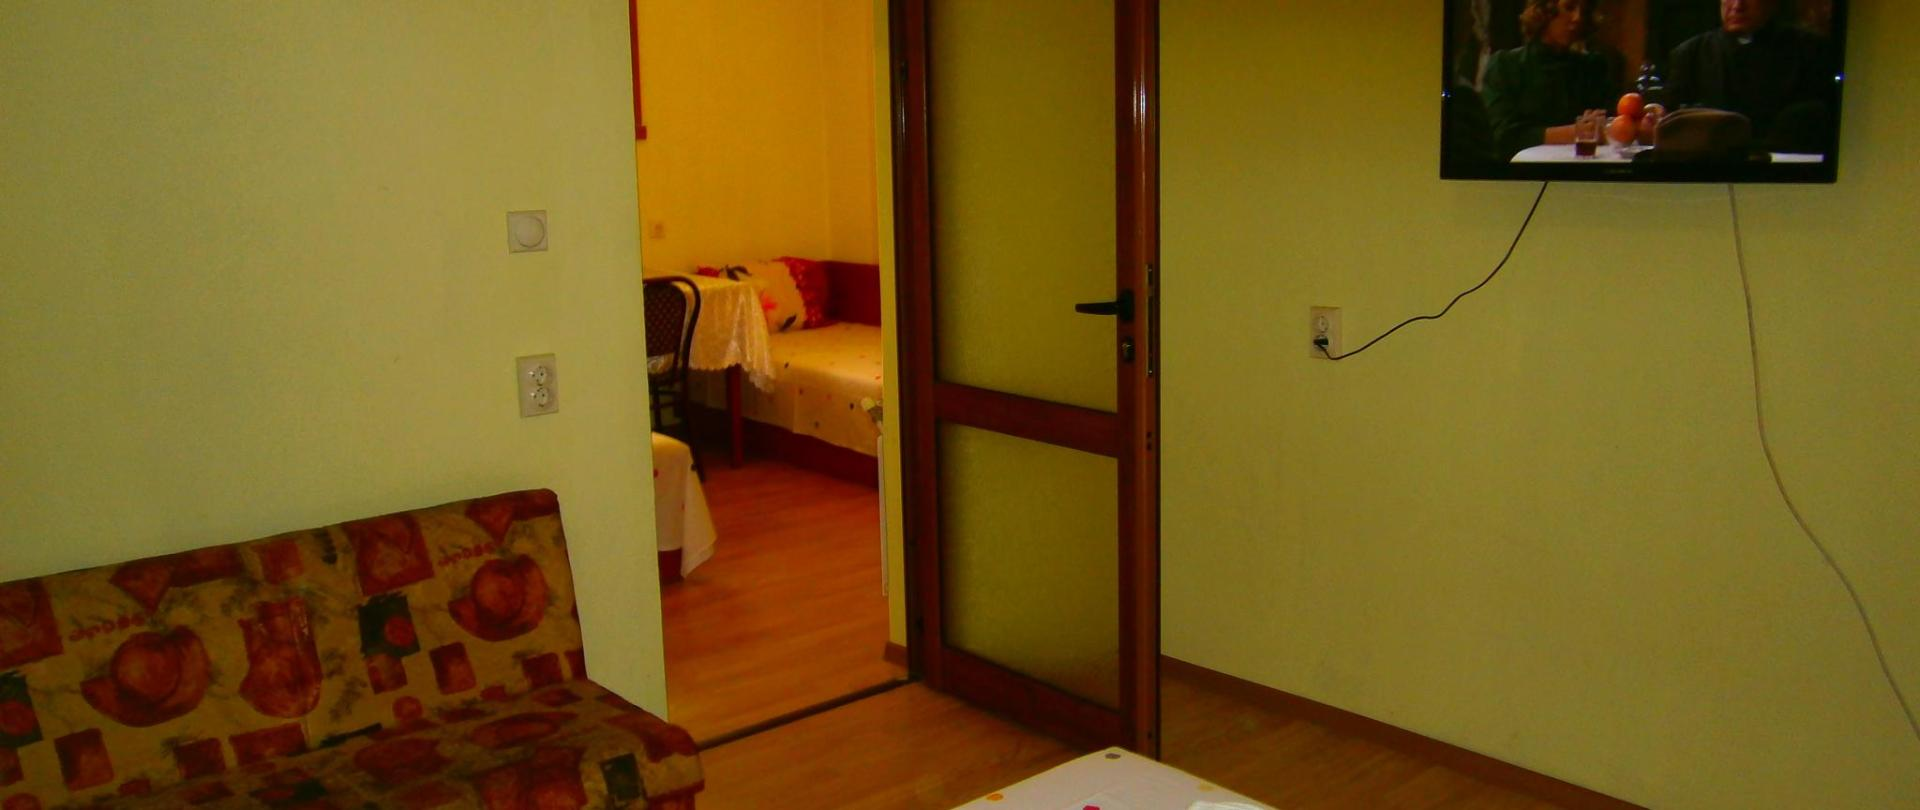 værelser i en lejlighed